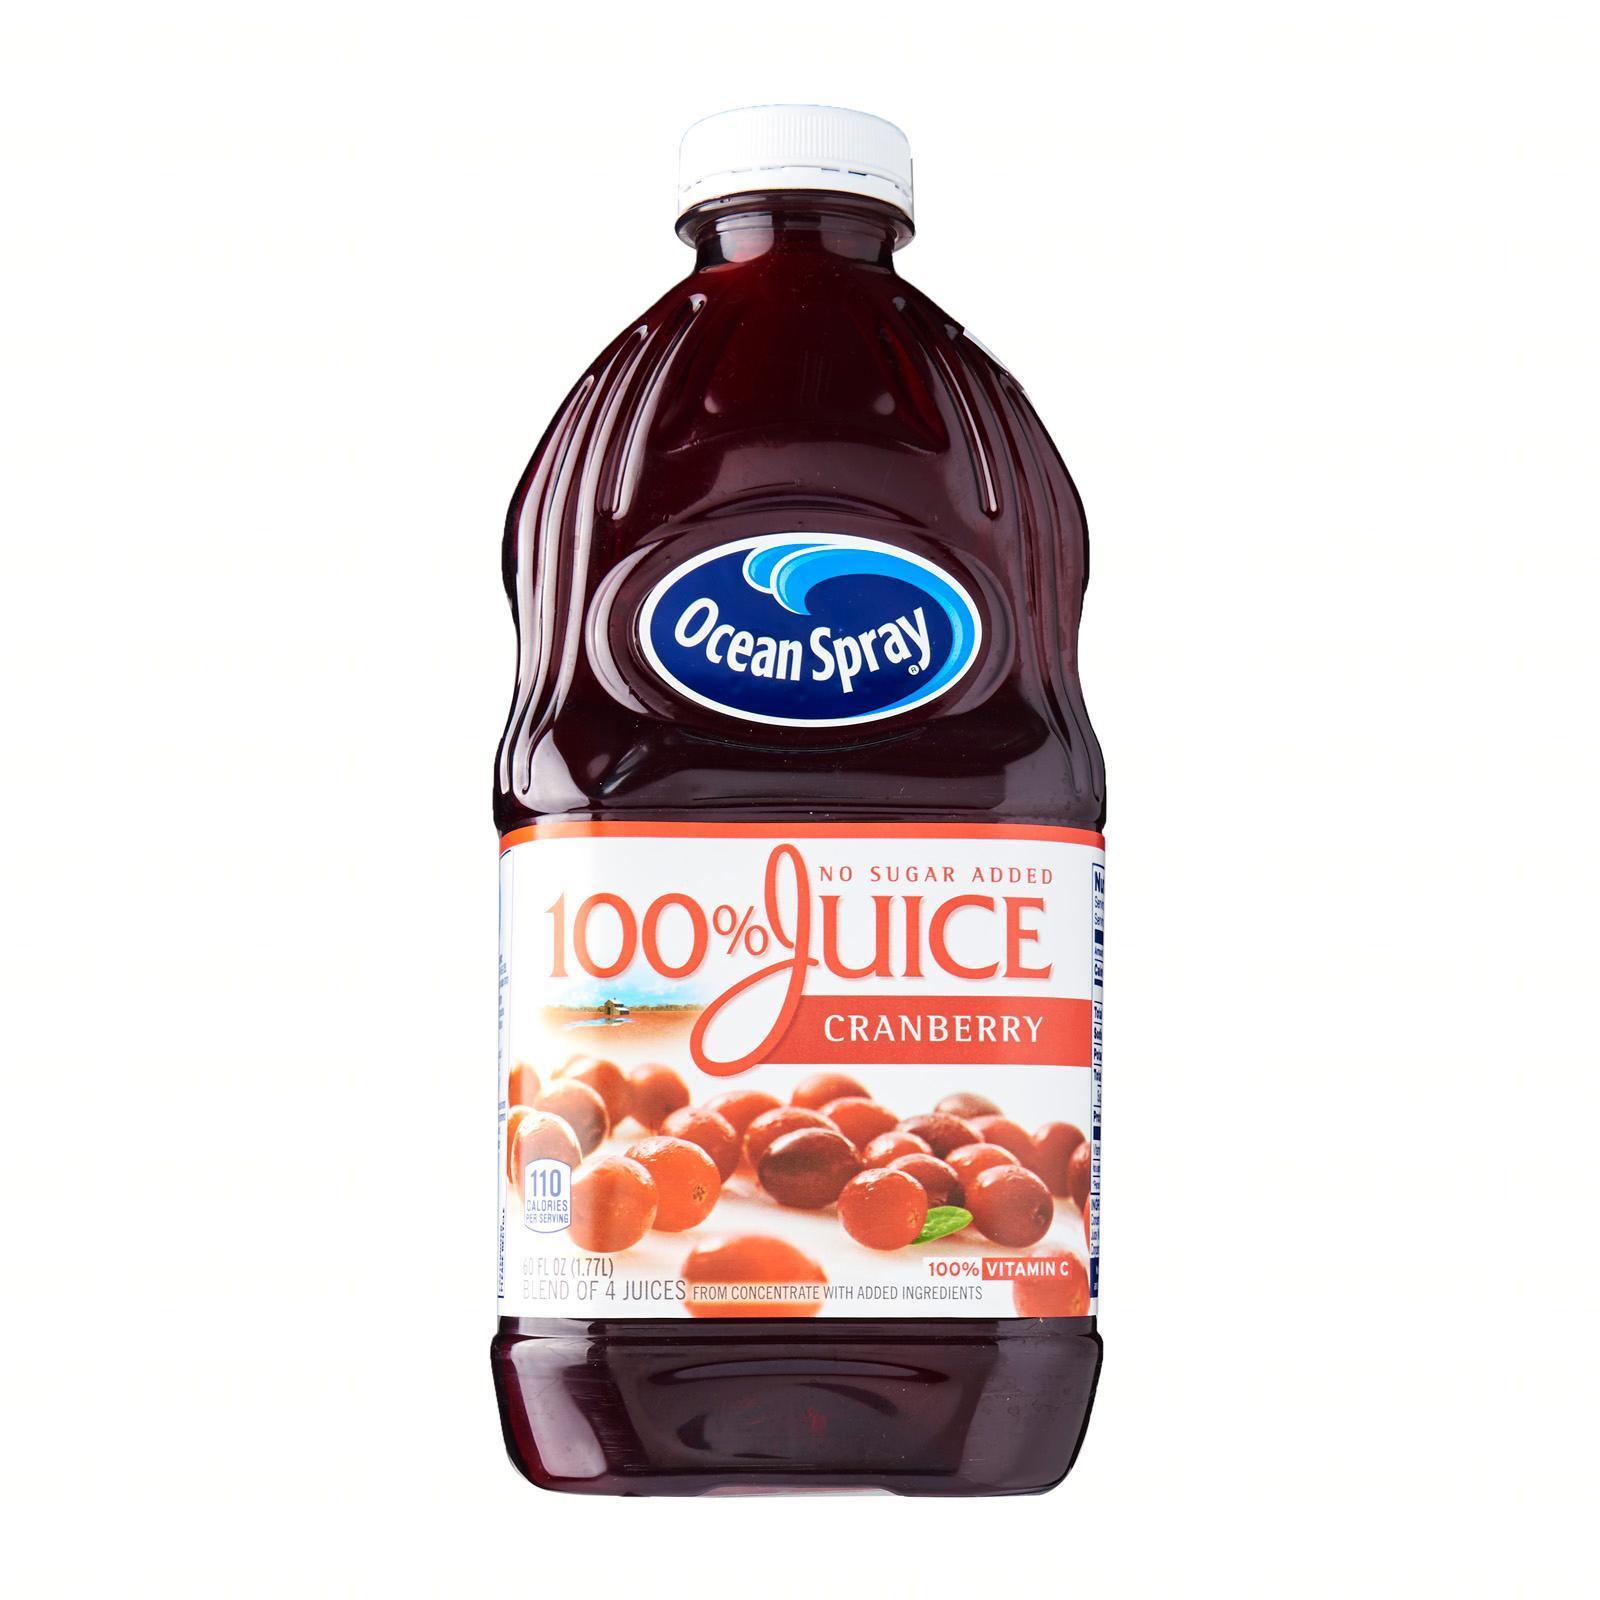 Ocean Spray Cranberry Mixed Juice No Sugar Added